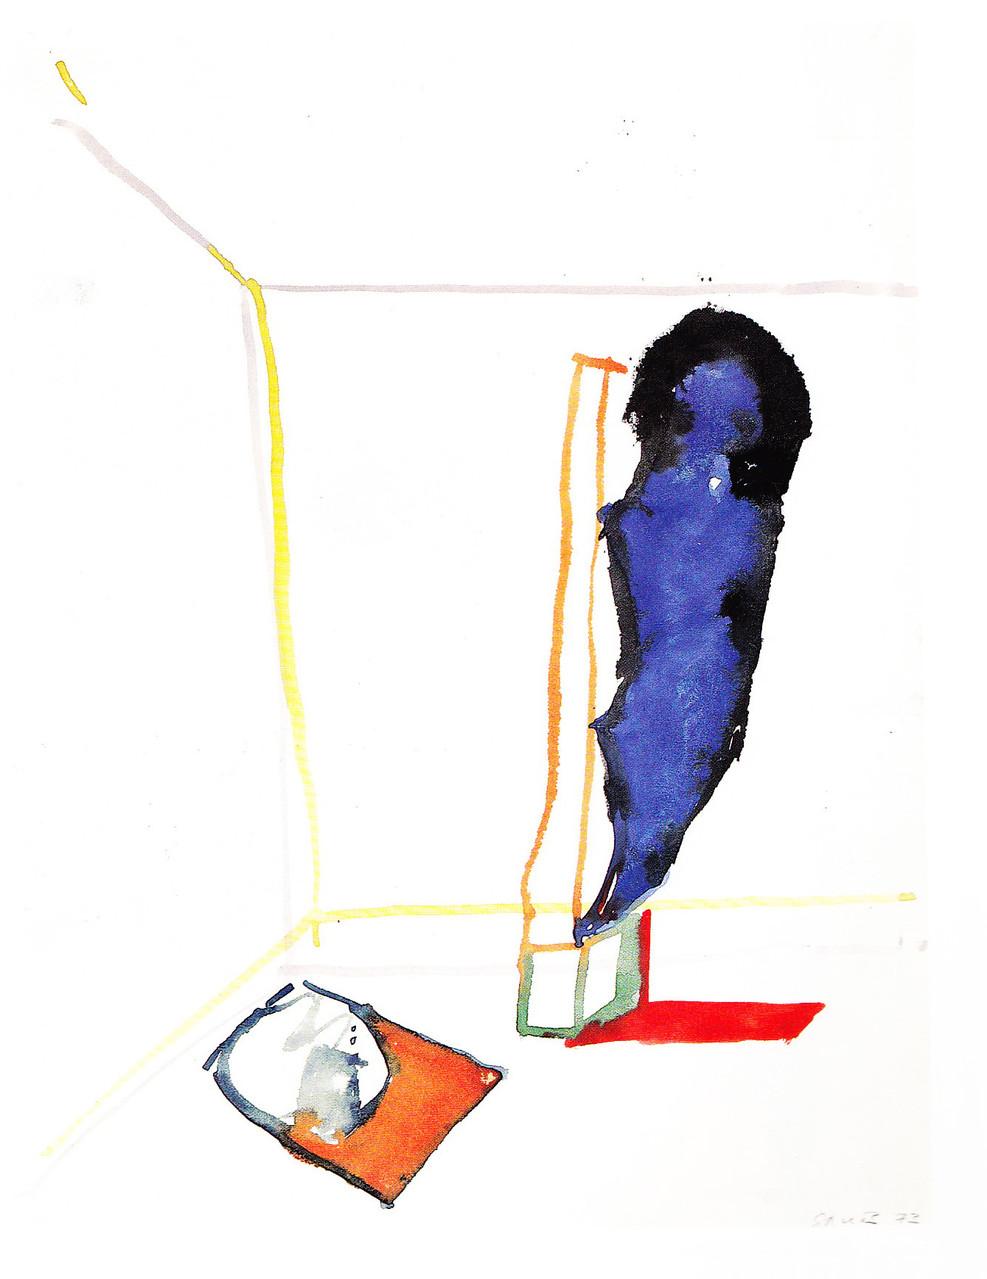 Schattensegel, 1973, Aquarell/Papier, 32x24,3 cm